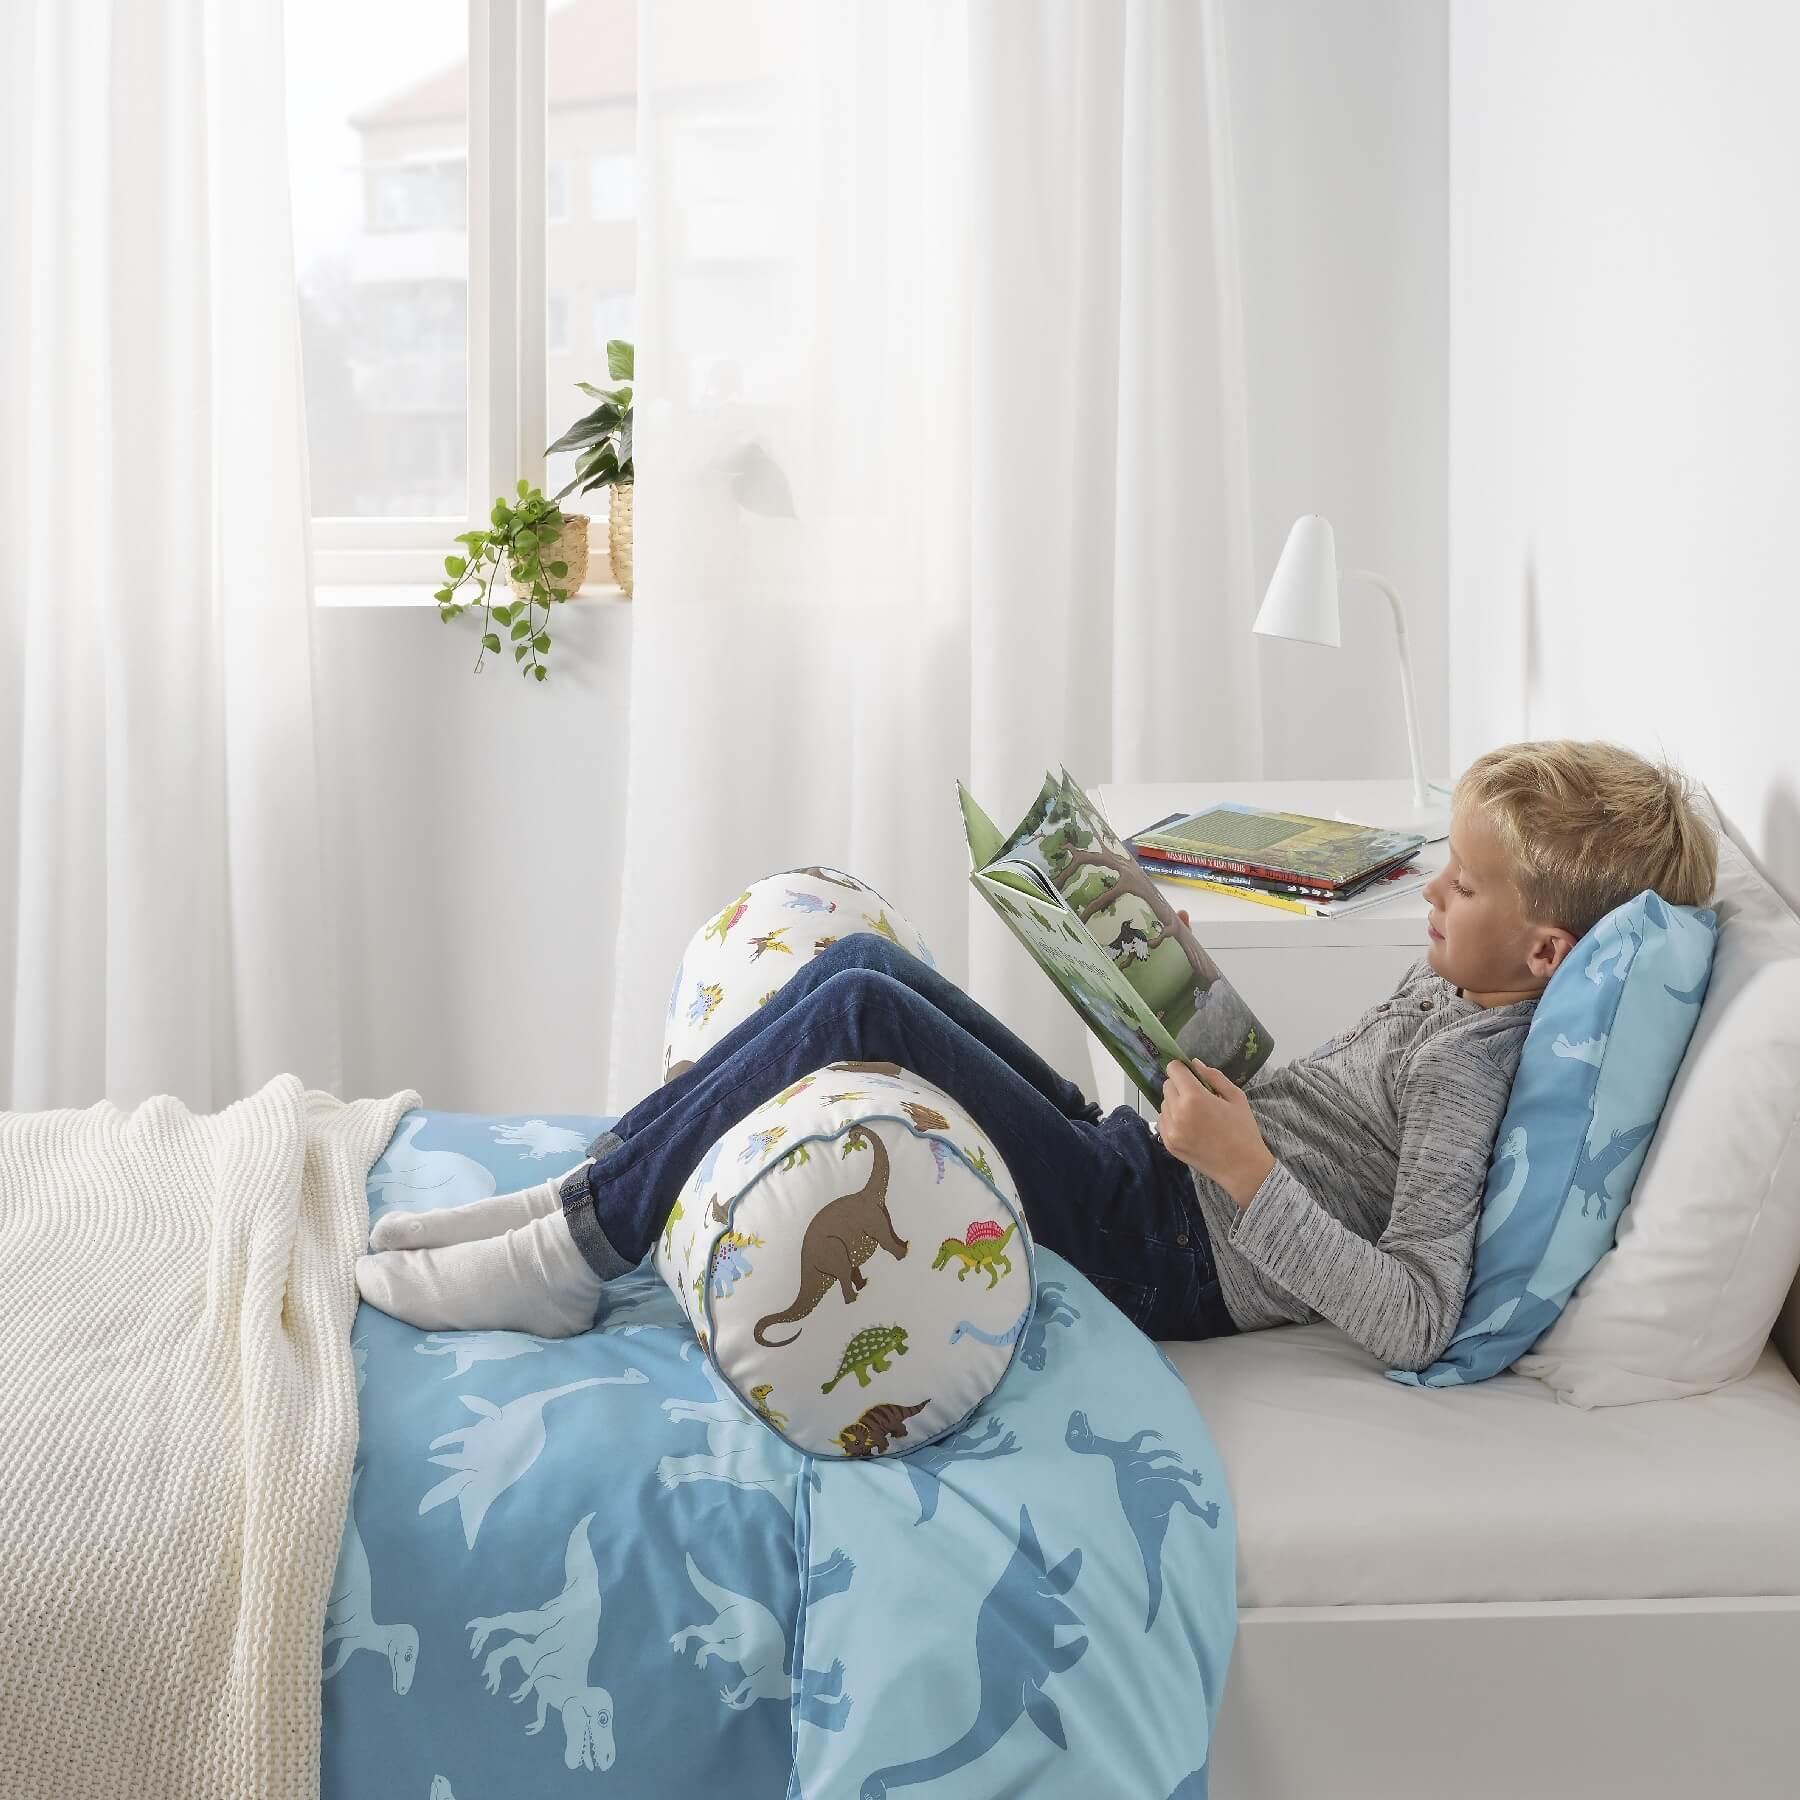 แต่งบ้านโทนสีพาสเทล สไตล์สแกนดิเนเวียน ด้วยคอลเล็คชั่นใหม่จากอิเกีย เฟอร์นิเจอร์ที่เป็นได้มากกว่า ปรับได้ตามความต้องการ 27 - IKEA (อิเกีย)